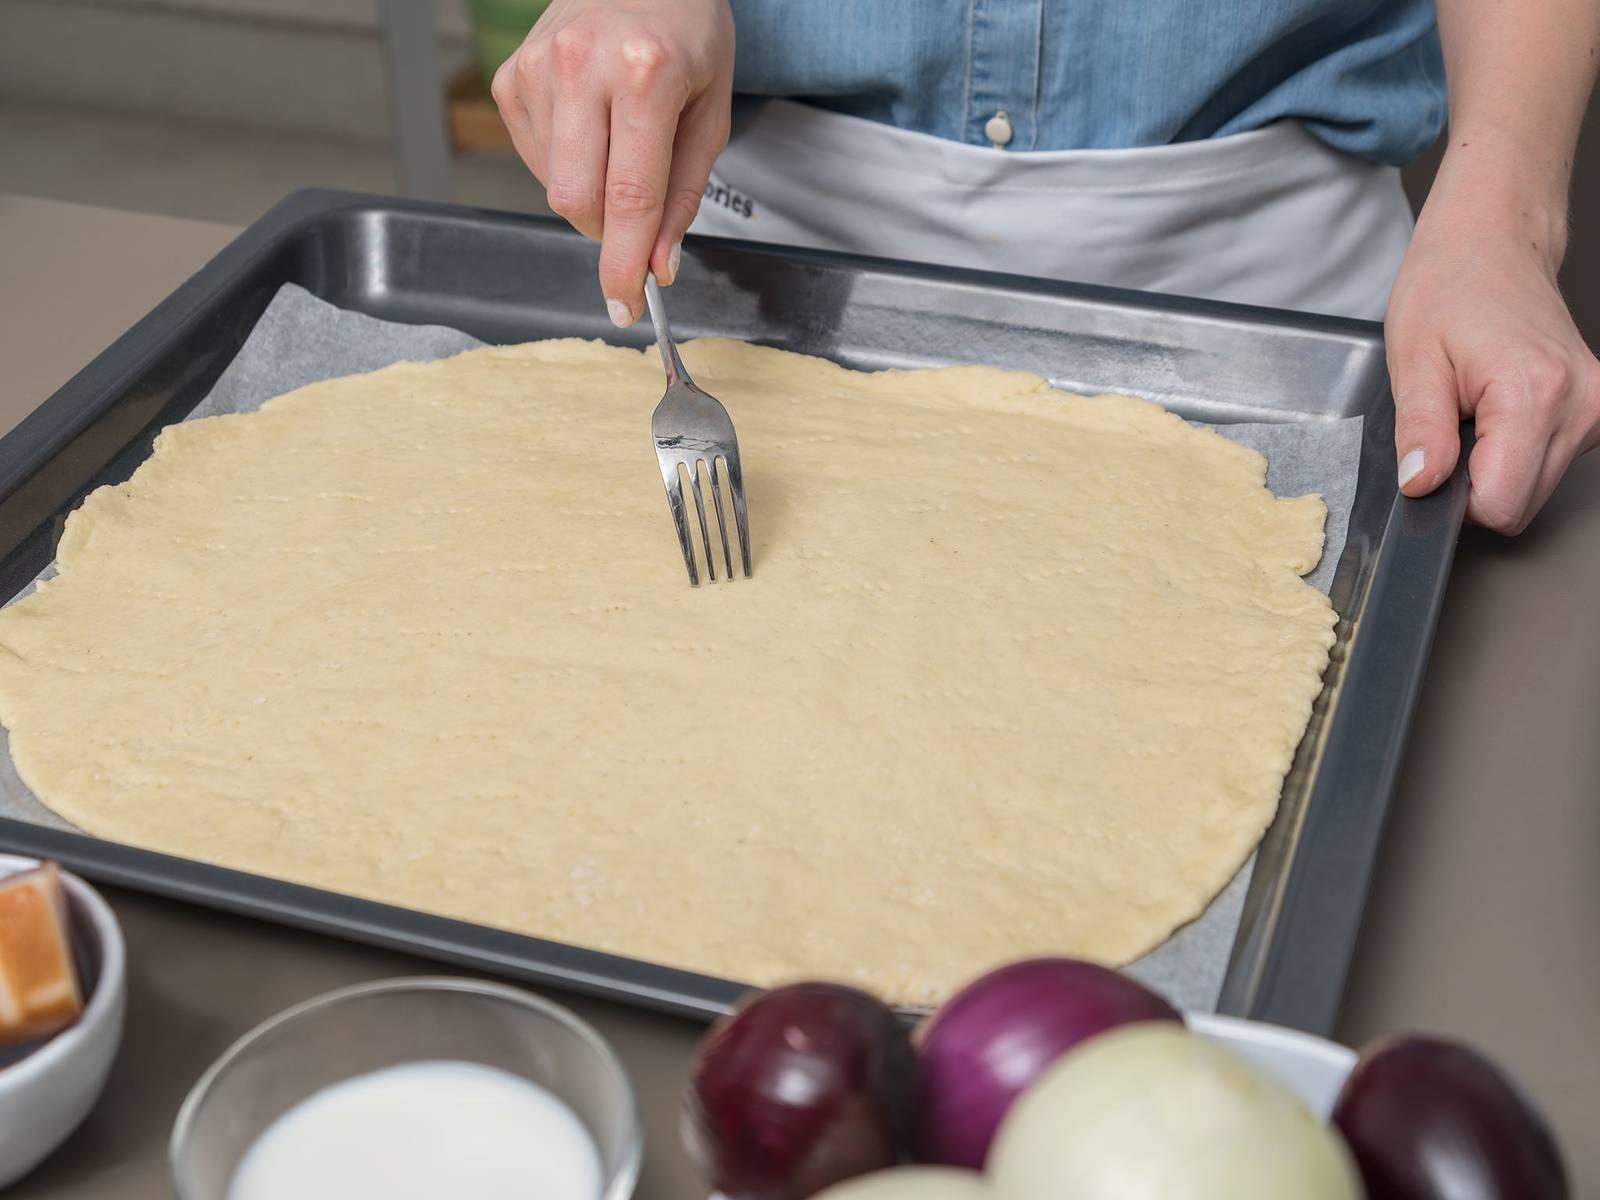 Backofen auf 200°C vorheizen. Quark, 2 Eier und Olivenöl in große Rührschüssel geben und vermengen. Backpulver, Salz und Kümmel in einer Rührschüssel mit Mehl mischen. Mehlmischung zu Quarkmischung geben und kneten bis ein gleichmäßiger Teig entsteht. Arbeitsfläche bemehlen und Teig darauf rechteckig ausrollen bis er die Größe des Backblechs erreicht hat. Teig auf das mit Backpapier ausgelegte Backblech legen und mit einer Gabel Löcher einstechen. Bei Seite stellen.